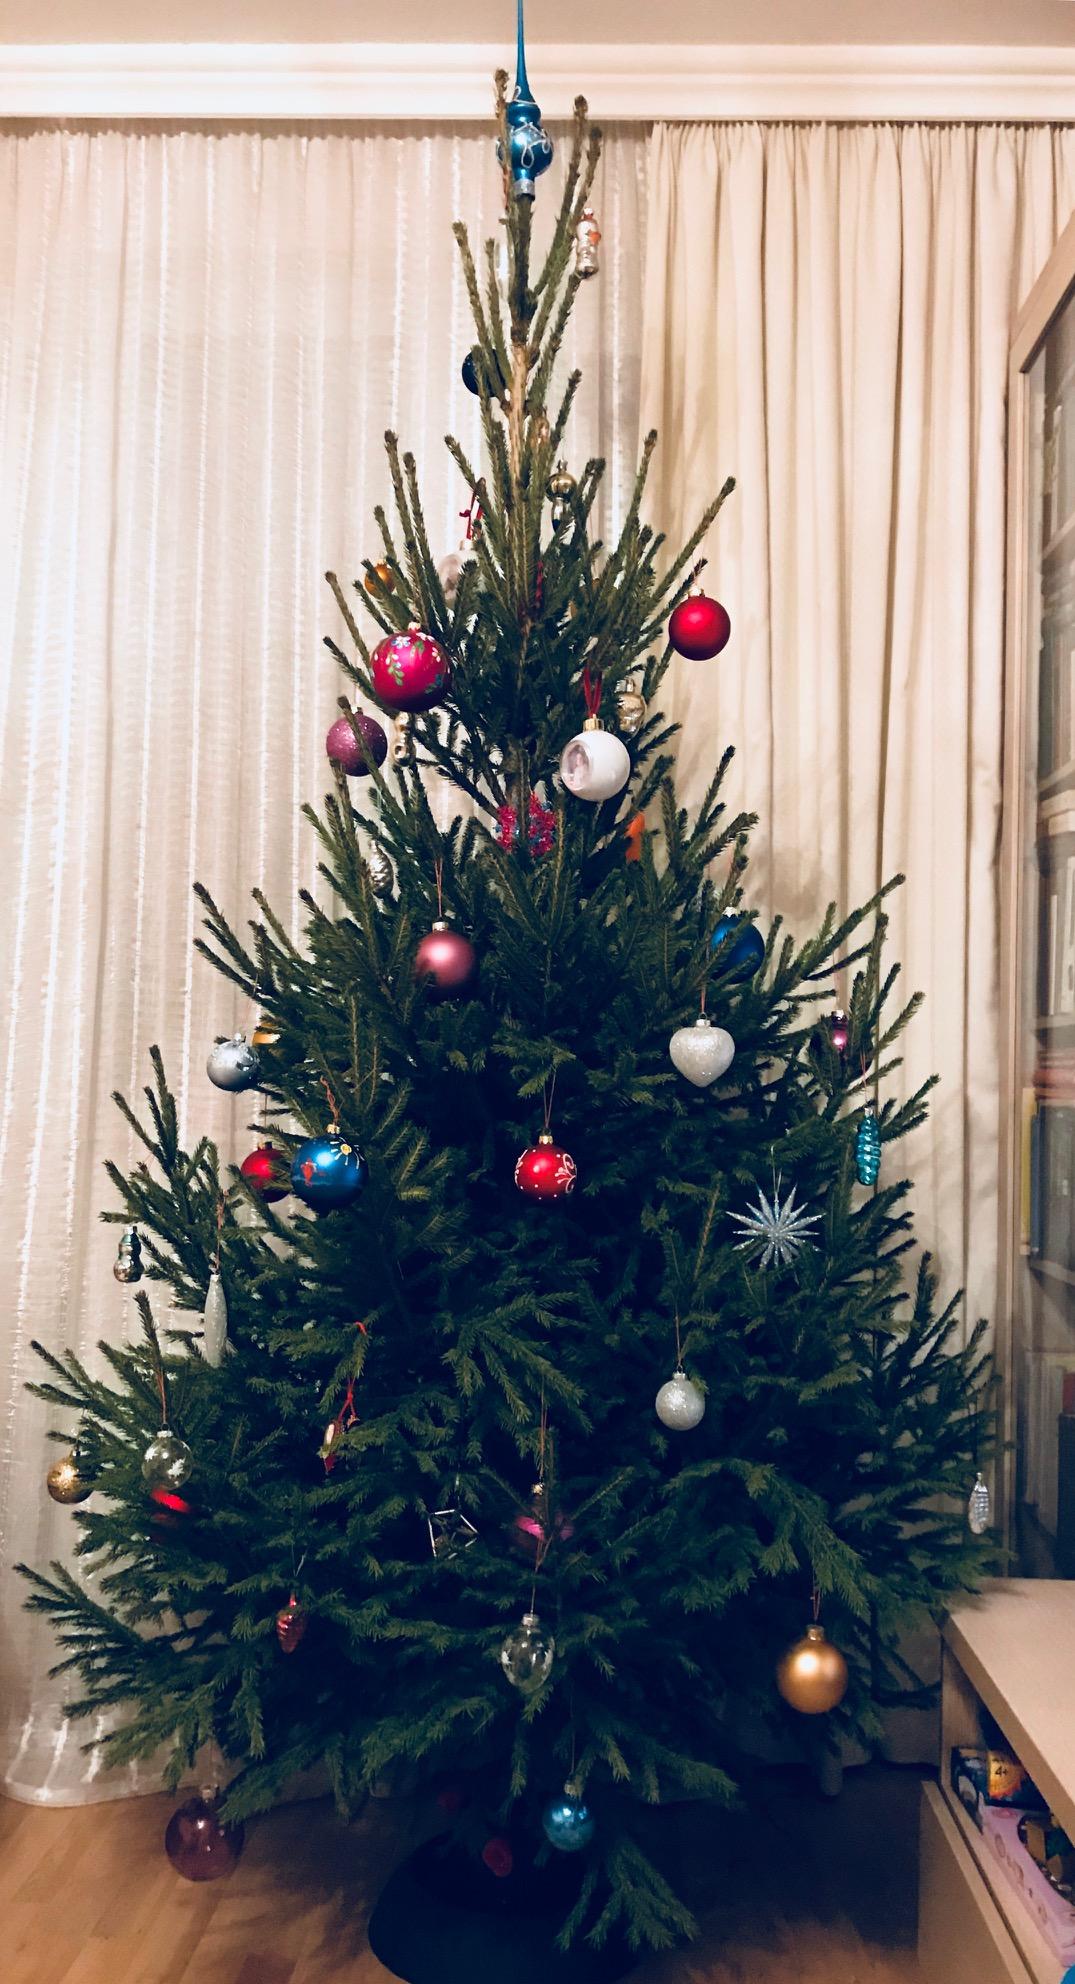 Скромна и шикарна, из чащи лесной . Блиц: новогодняя елка